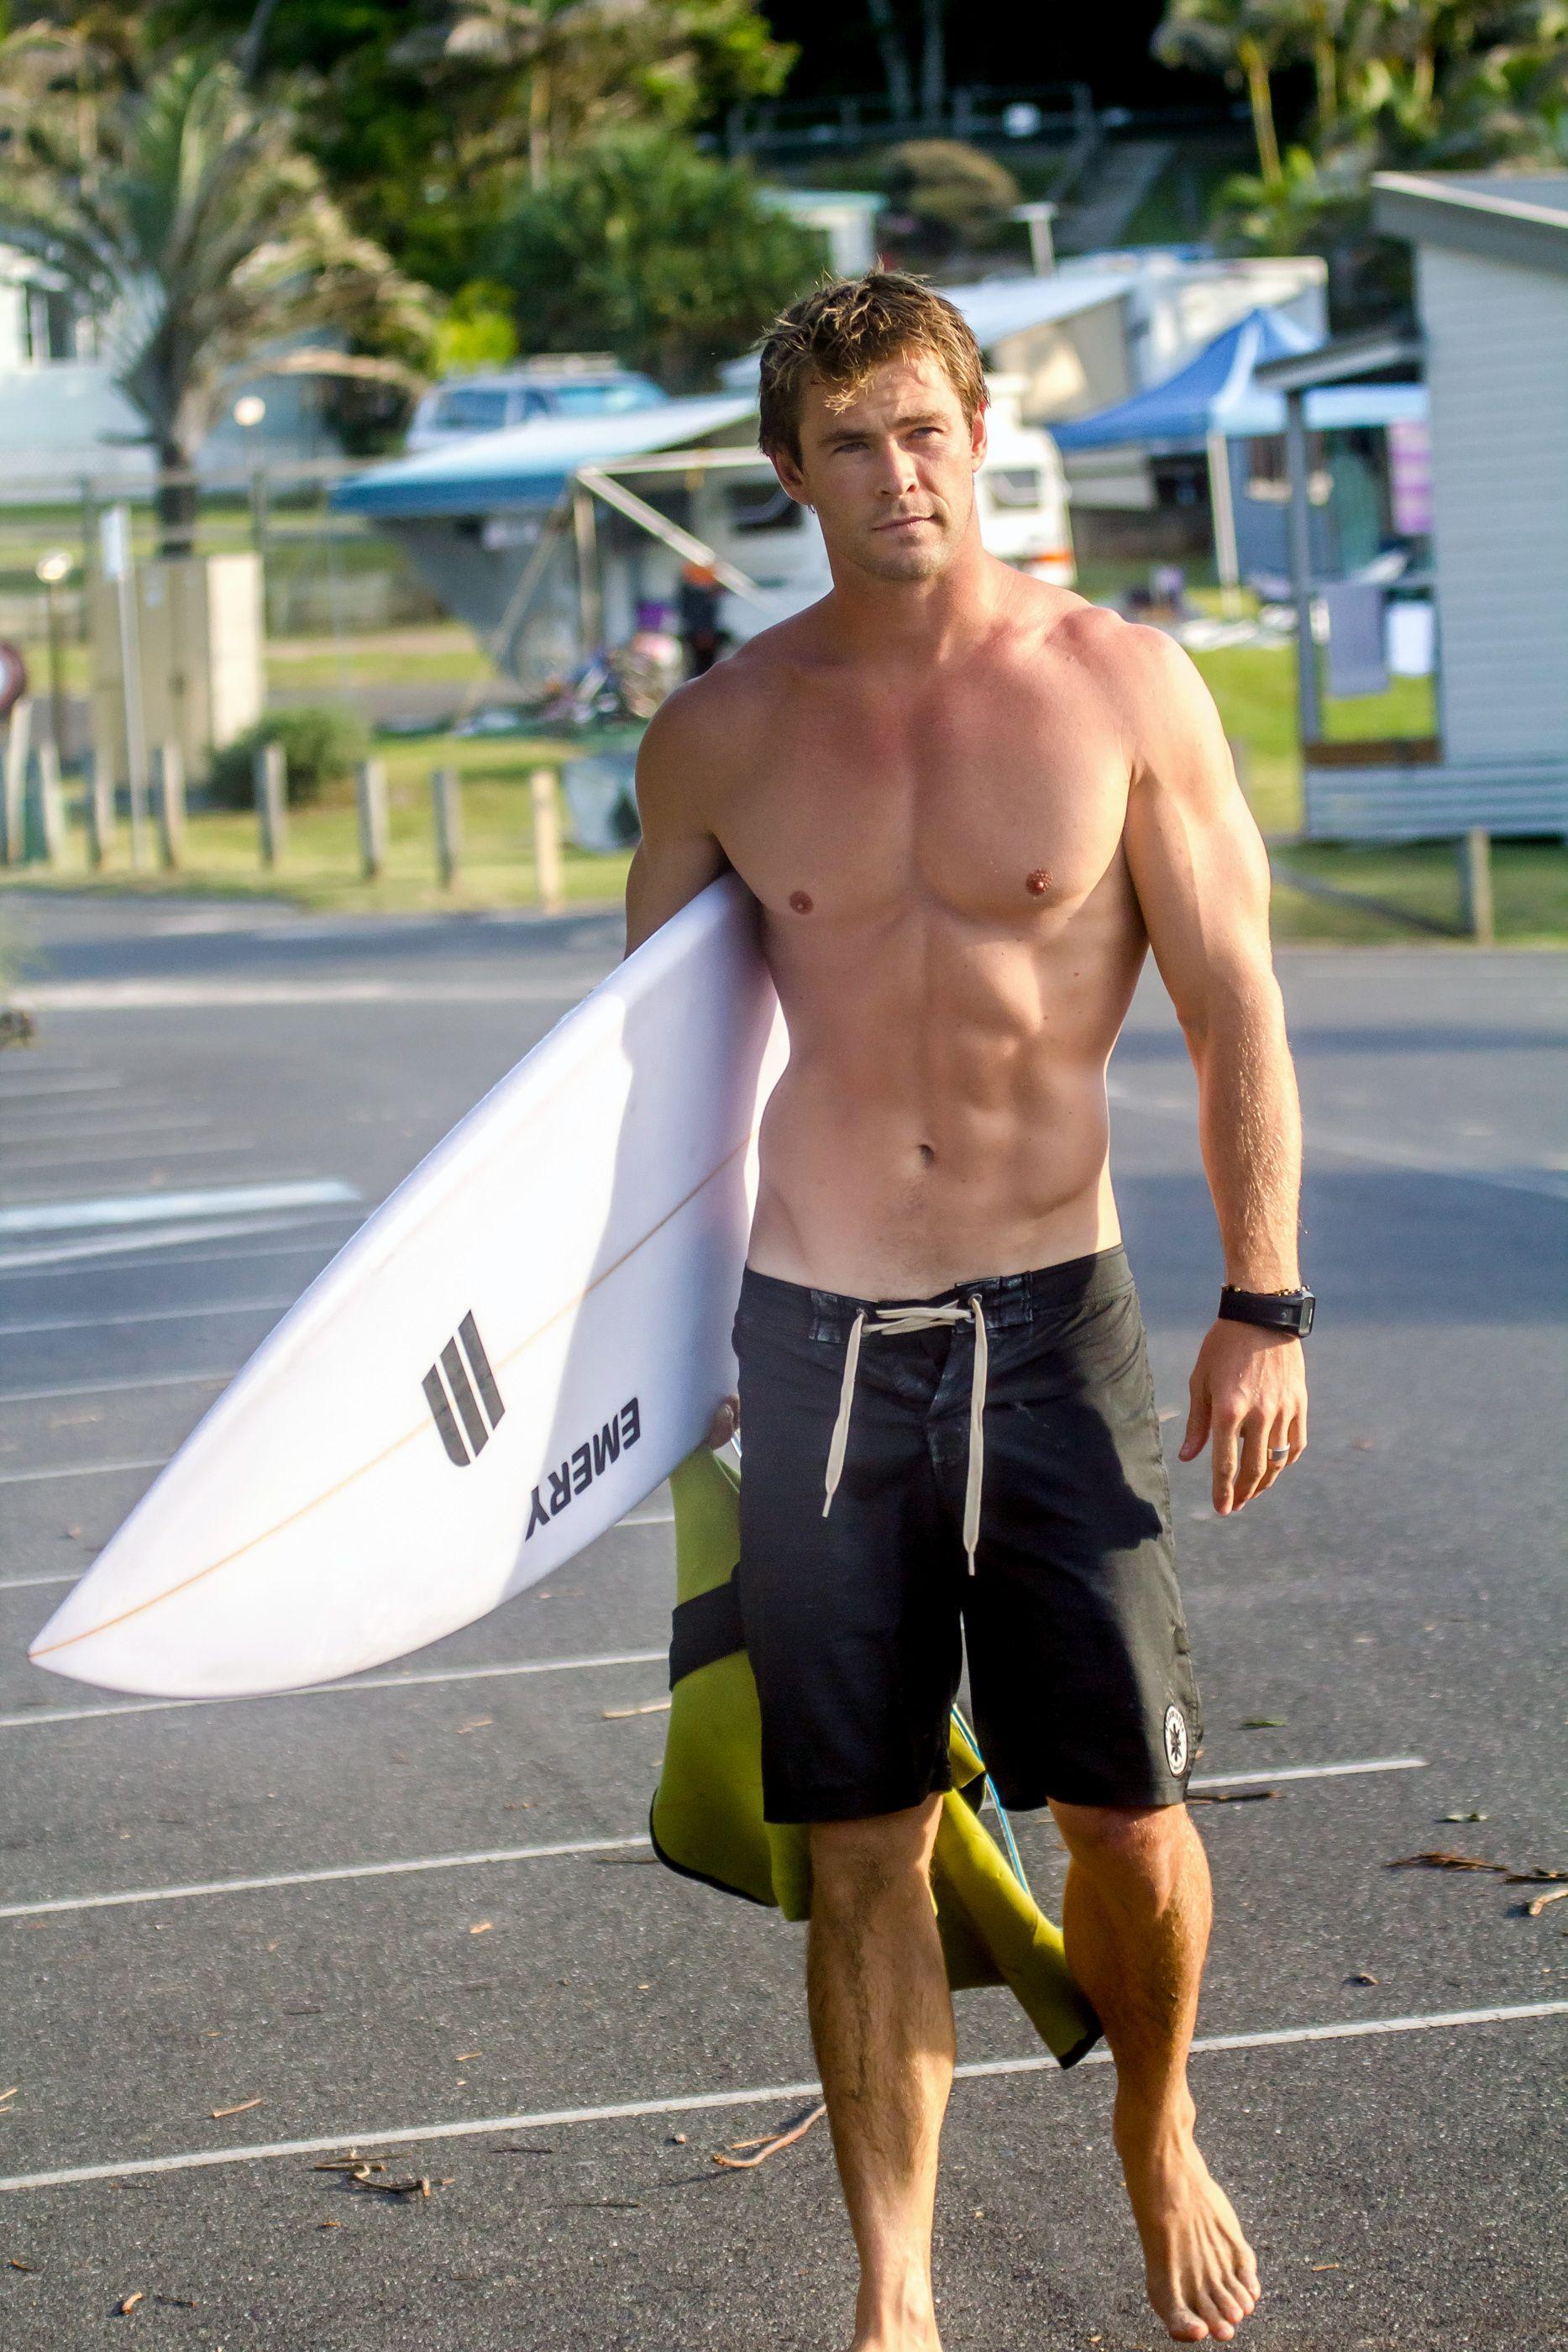 Nude surfer men Nude Photos